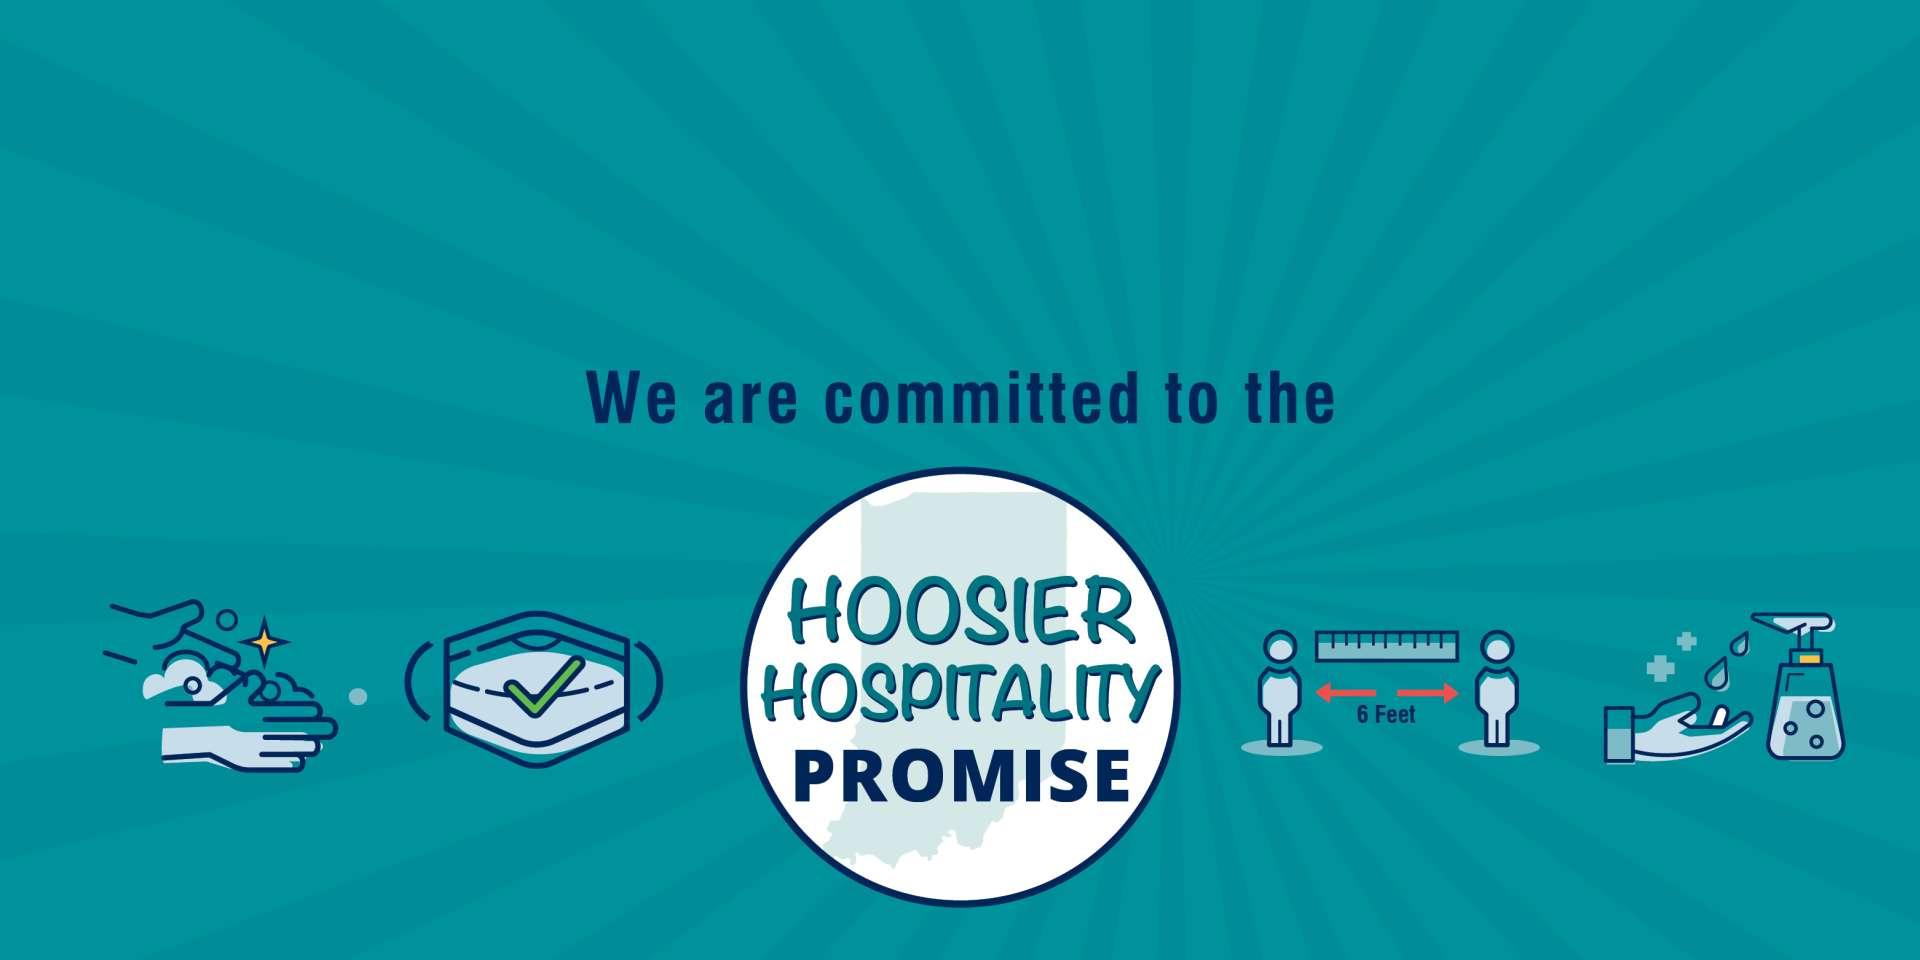 hoosier hospitality promise header v2